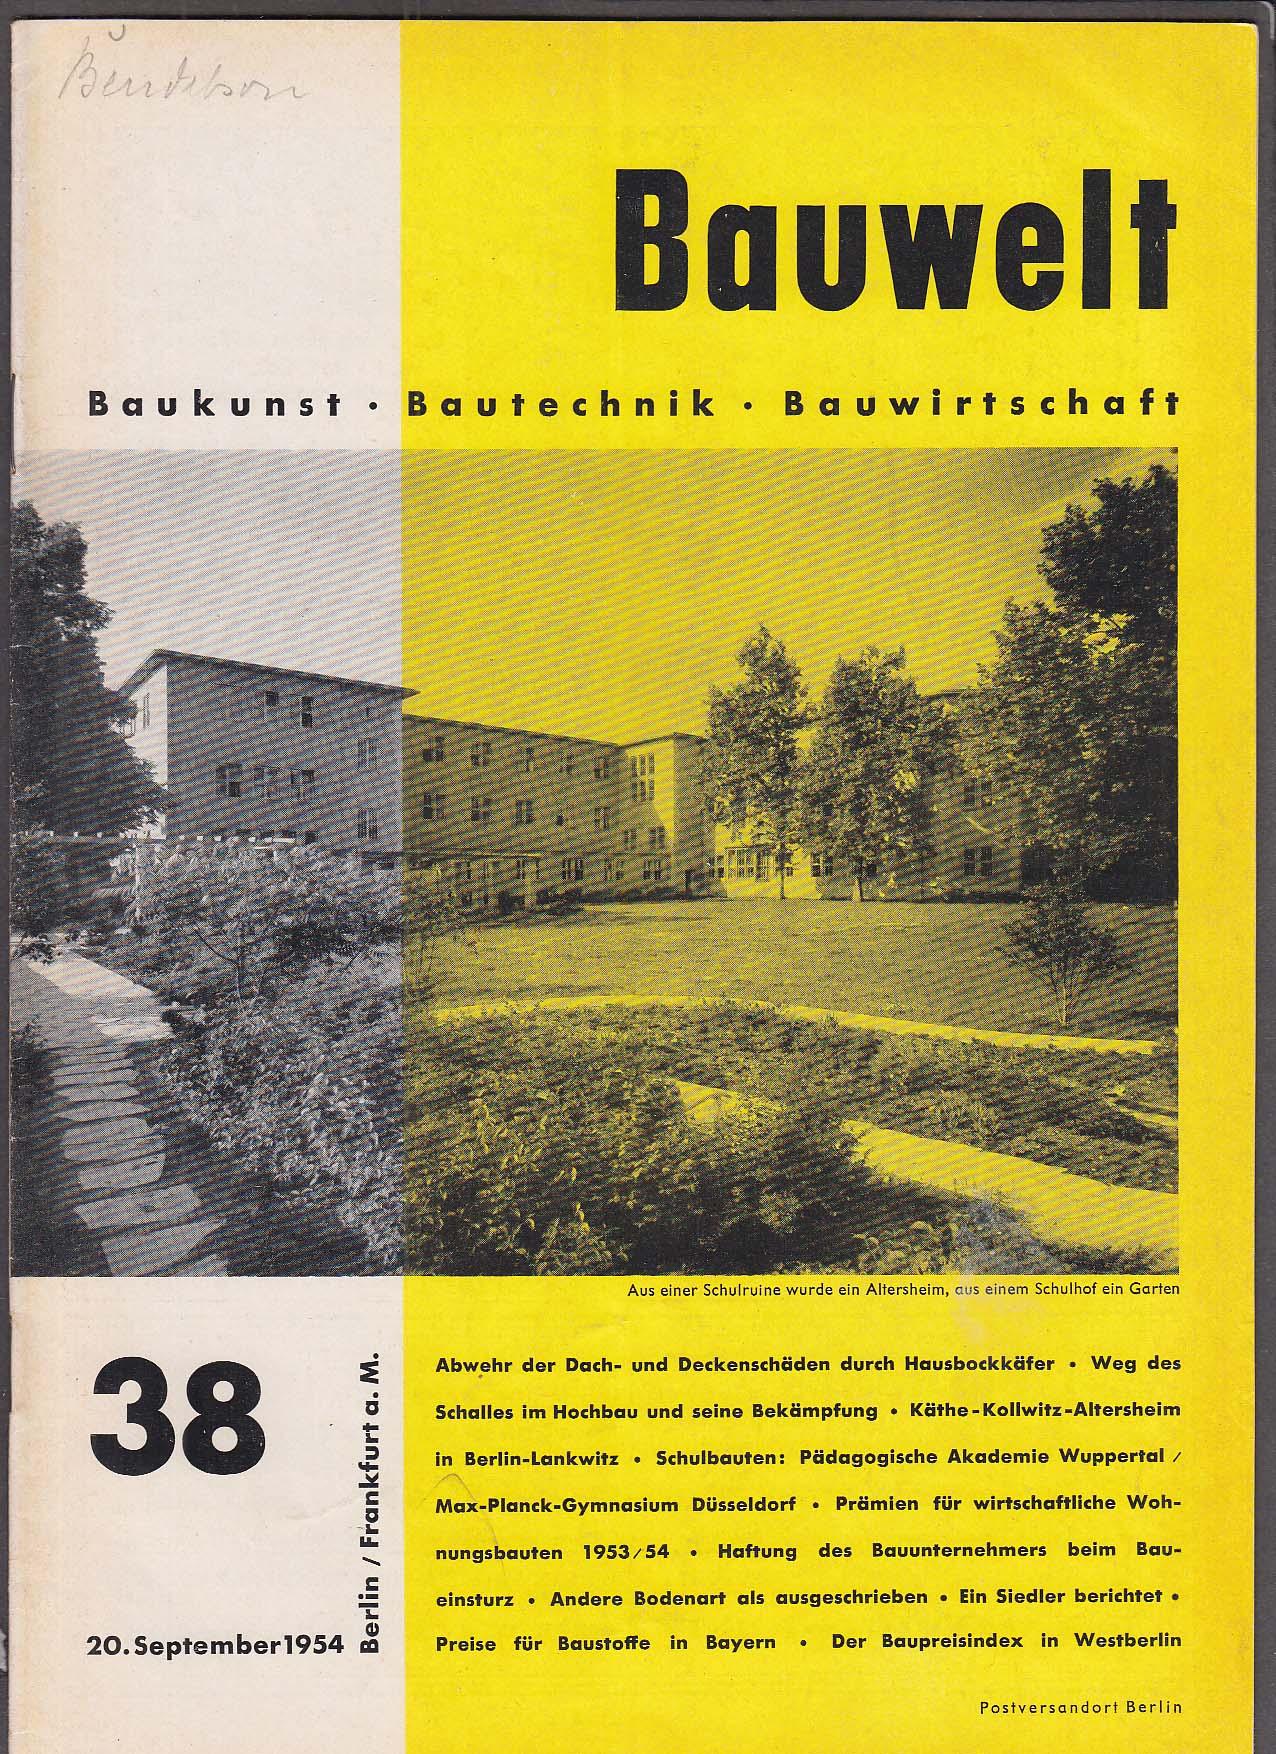 Image for Bauwelt #38 German architecture magazine 9/20 1954